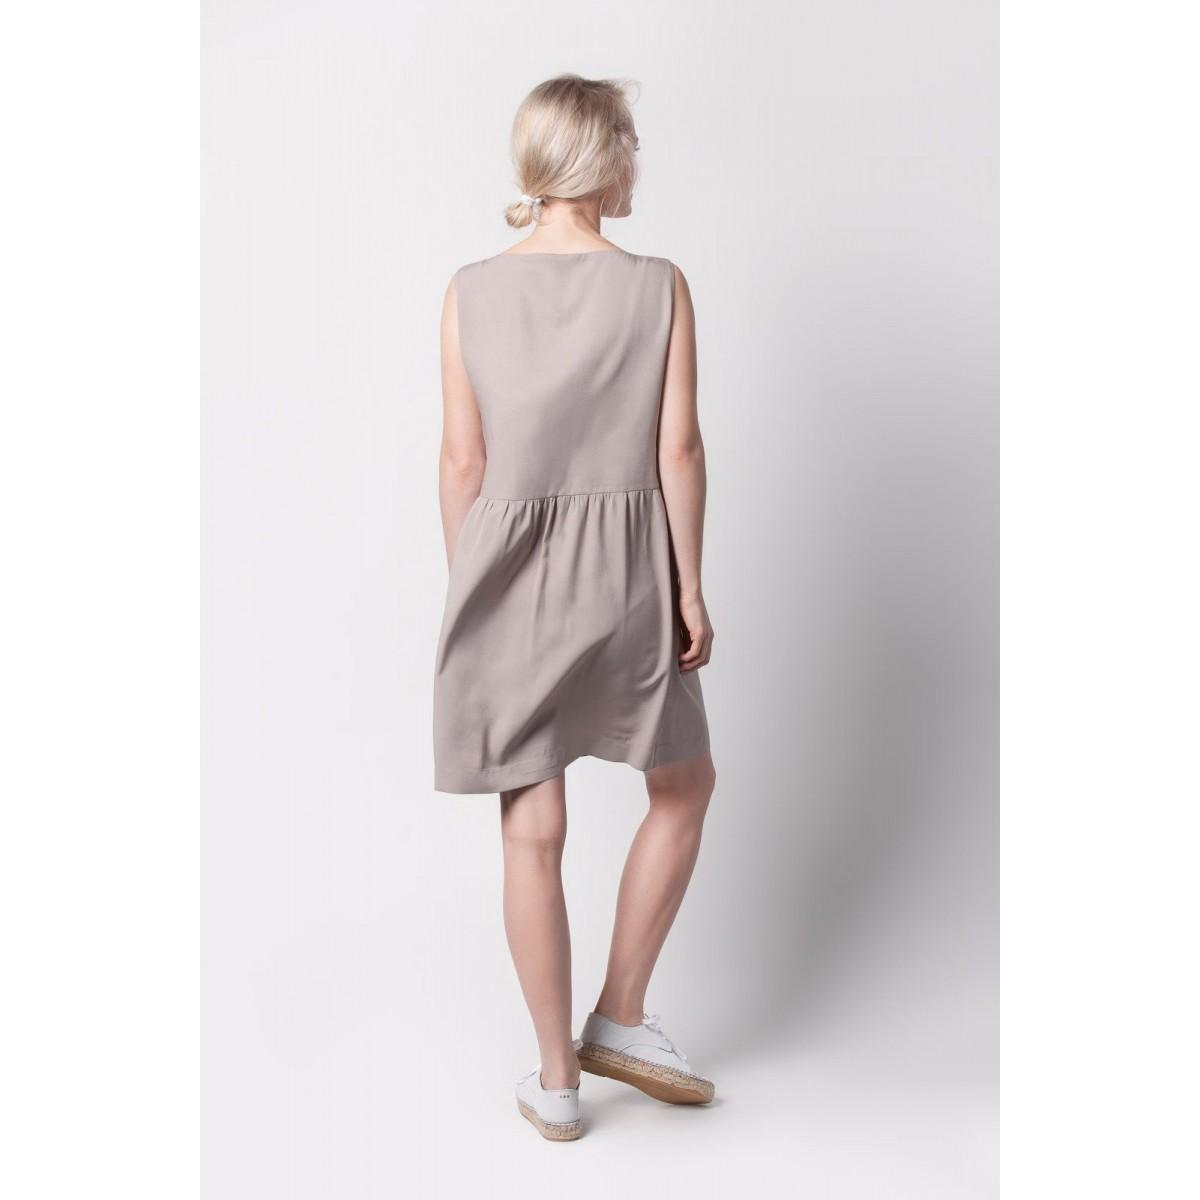 Johanna Junker // Trägerkleid - nude (onesize)